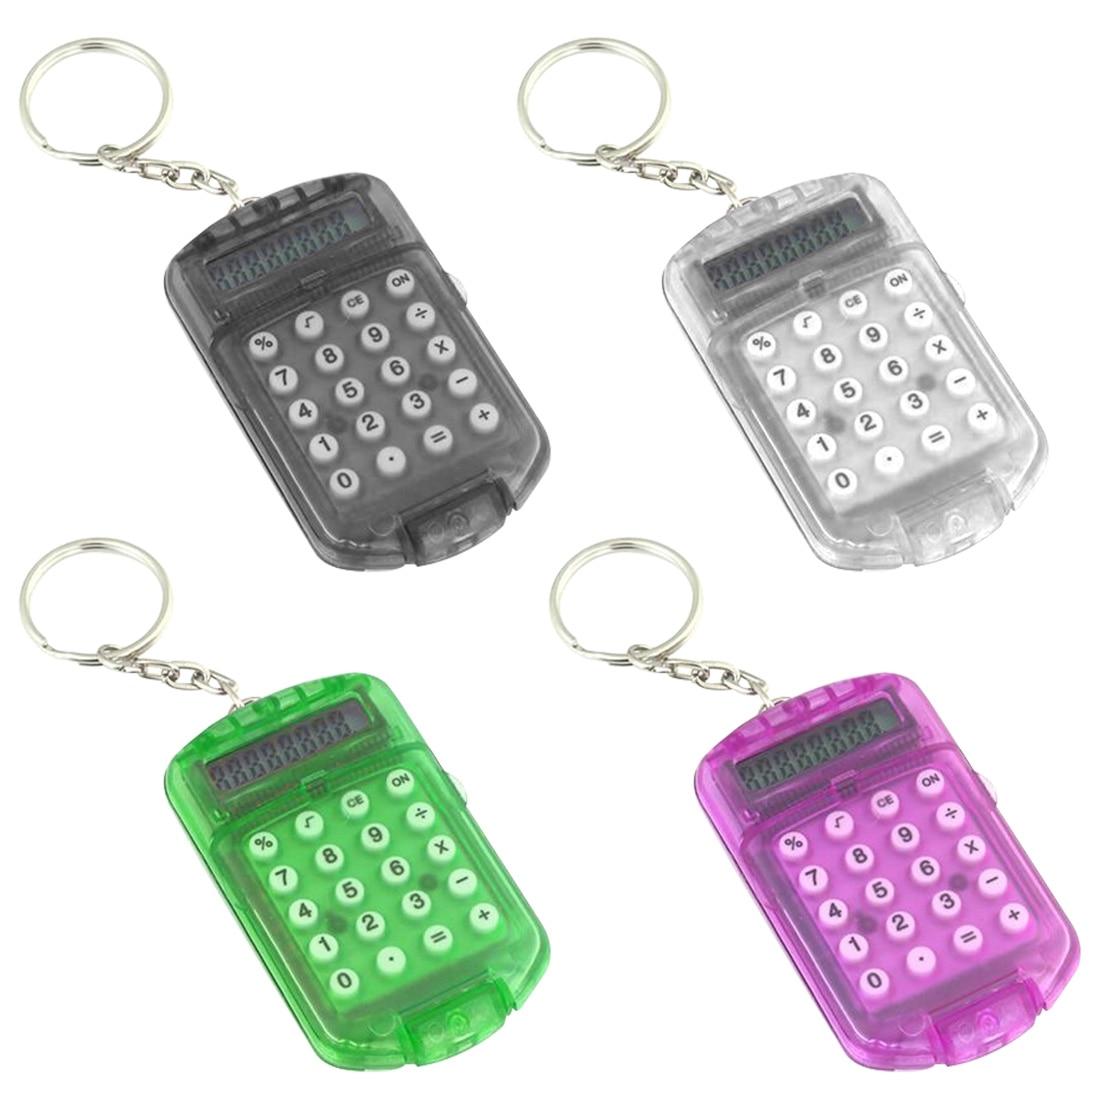 100% Wahr Etmakit Neueste Grau Hartplastik Gehäuse 8 Ziffern Elektronische Mini Rechner Mit Keychain Zufällige Farbe Ein Kunststoffkoffer Ist FüR Die Sichere Lagerung Kompartimentiert